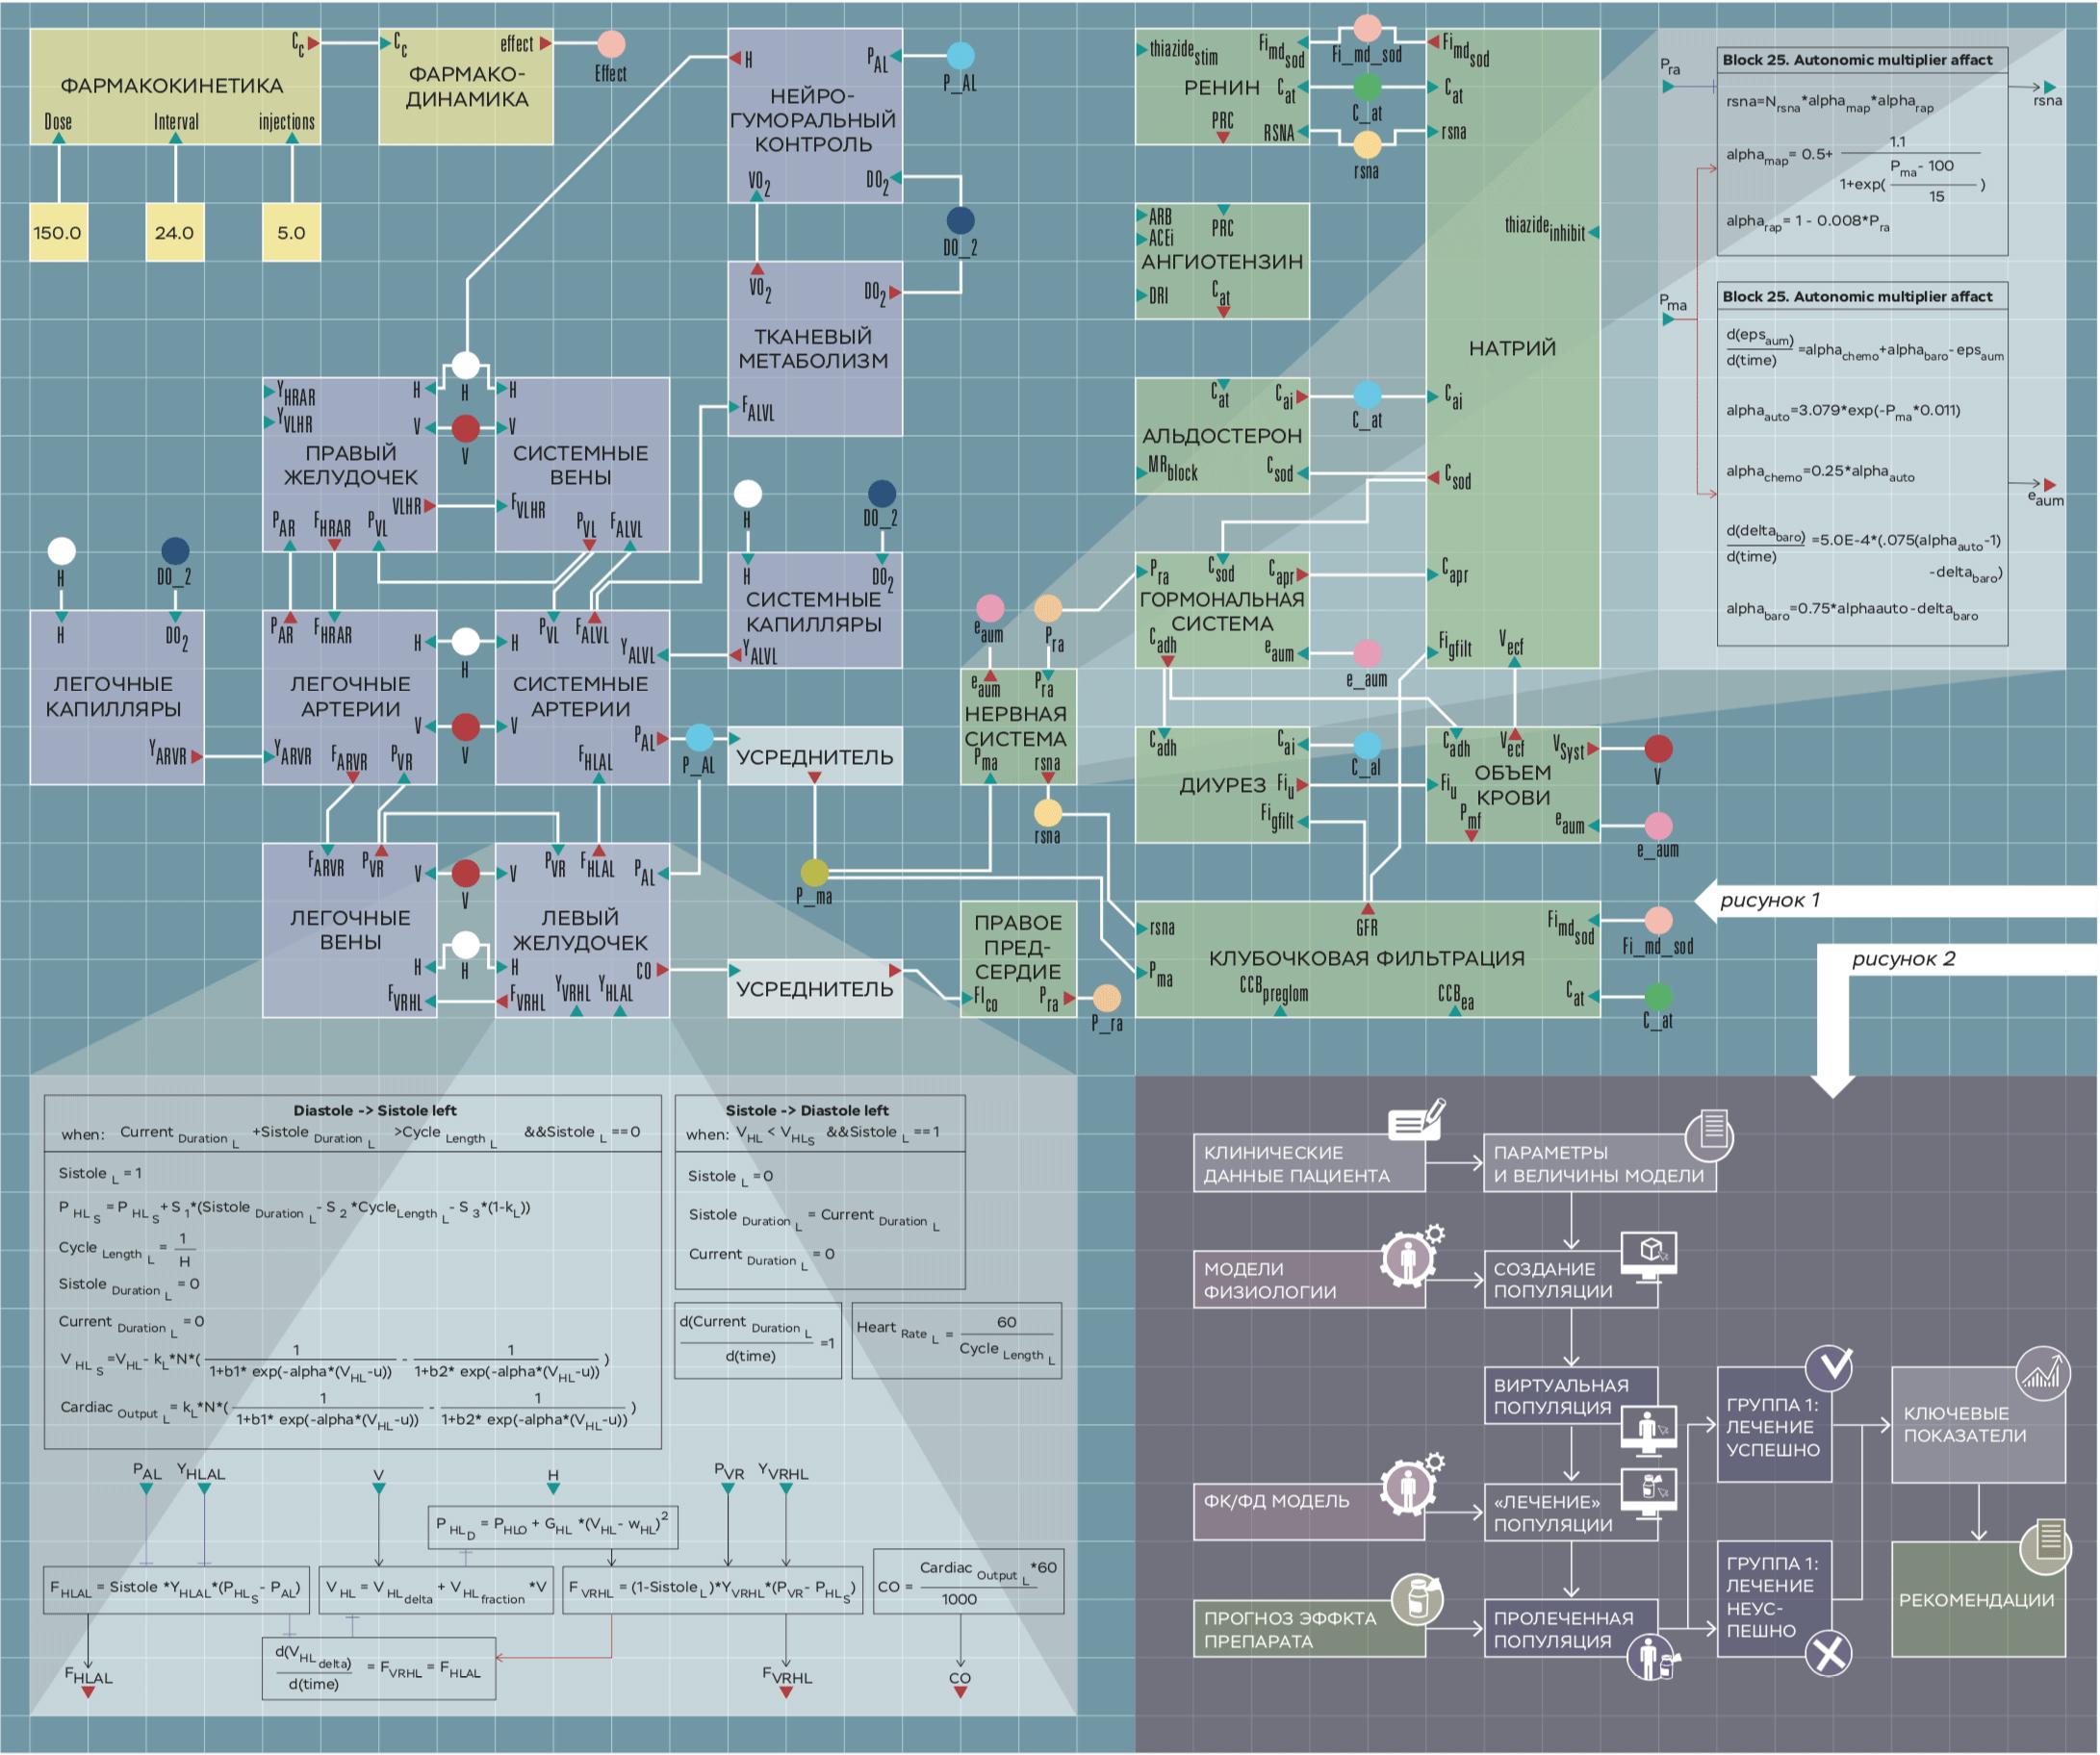 Диаграмма модели регуляции артериального давления у человека. Каждый блок содержит набор переменных и уравнений. Блоки соединены друг с другом, если у них есть общие переменные и параметры